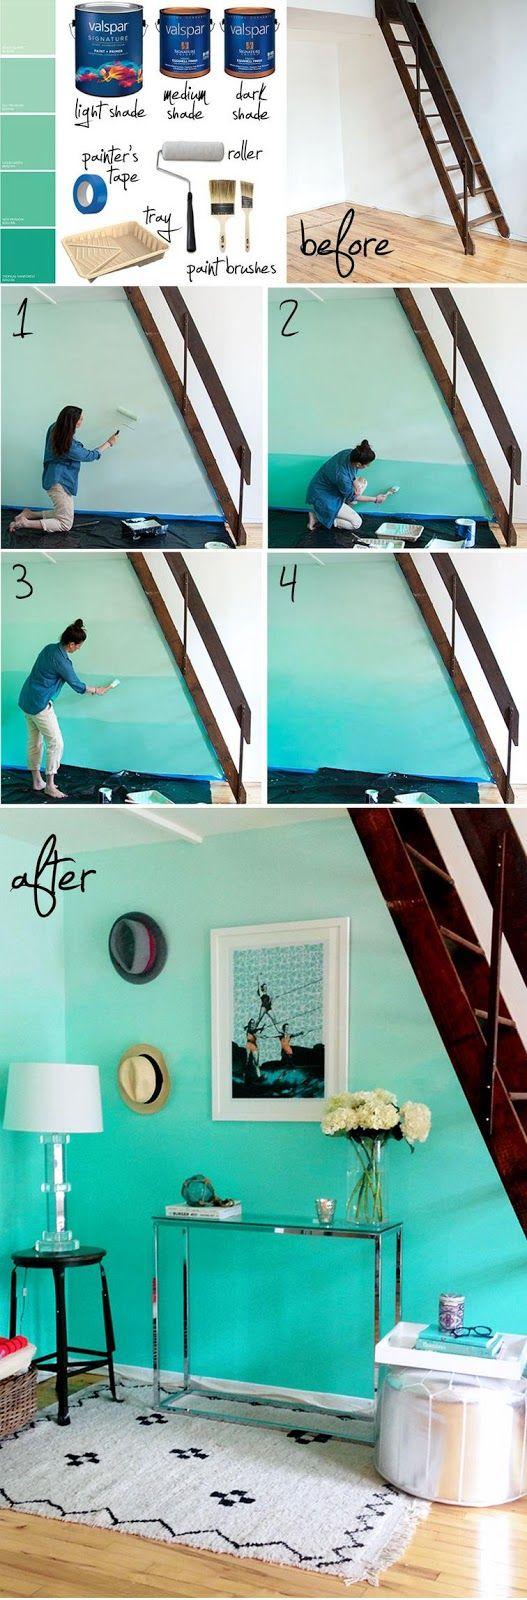 Passo a passo de como fazer pintura ombré na parede